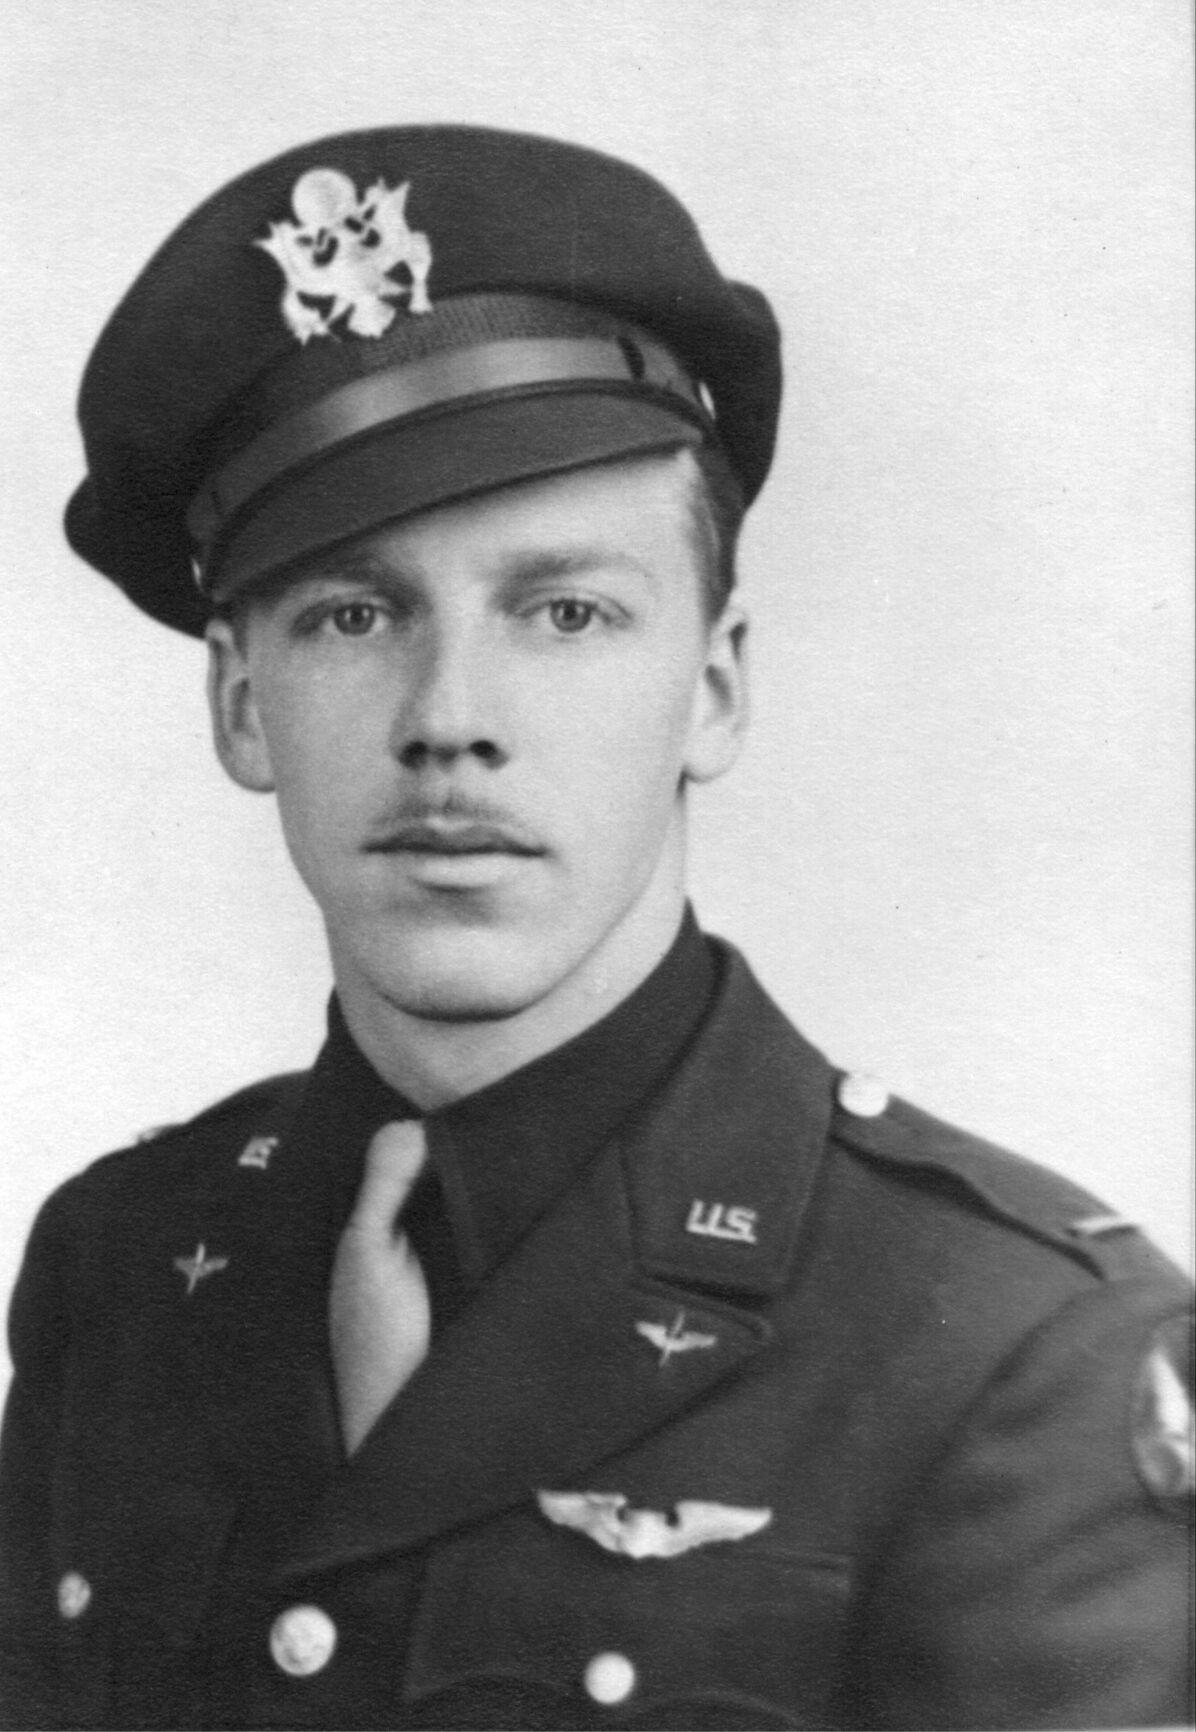 2nd Lt. Johnson abt Oct. 1943 085.jpg